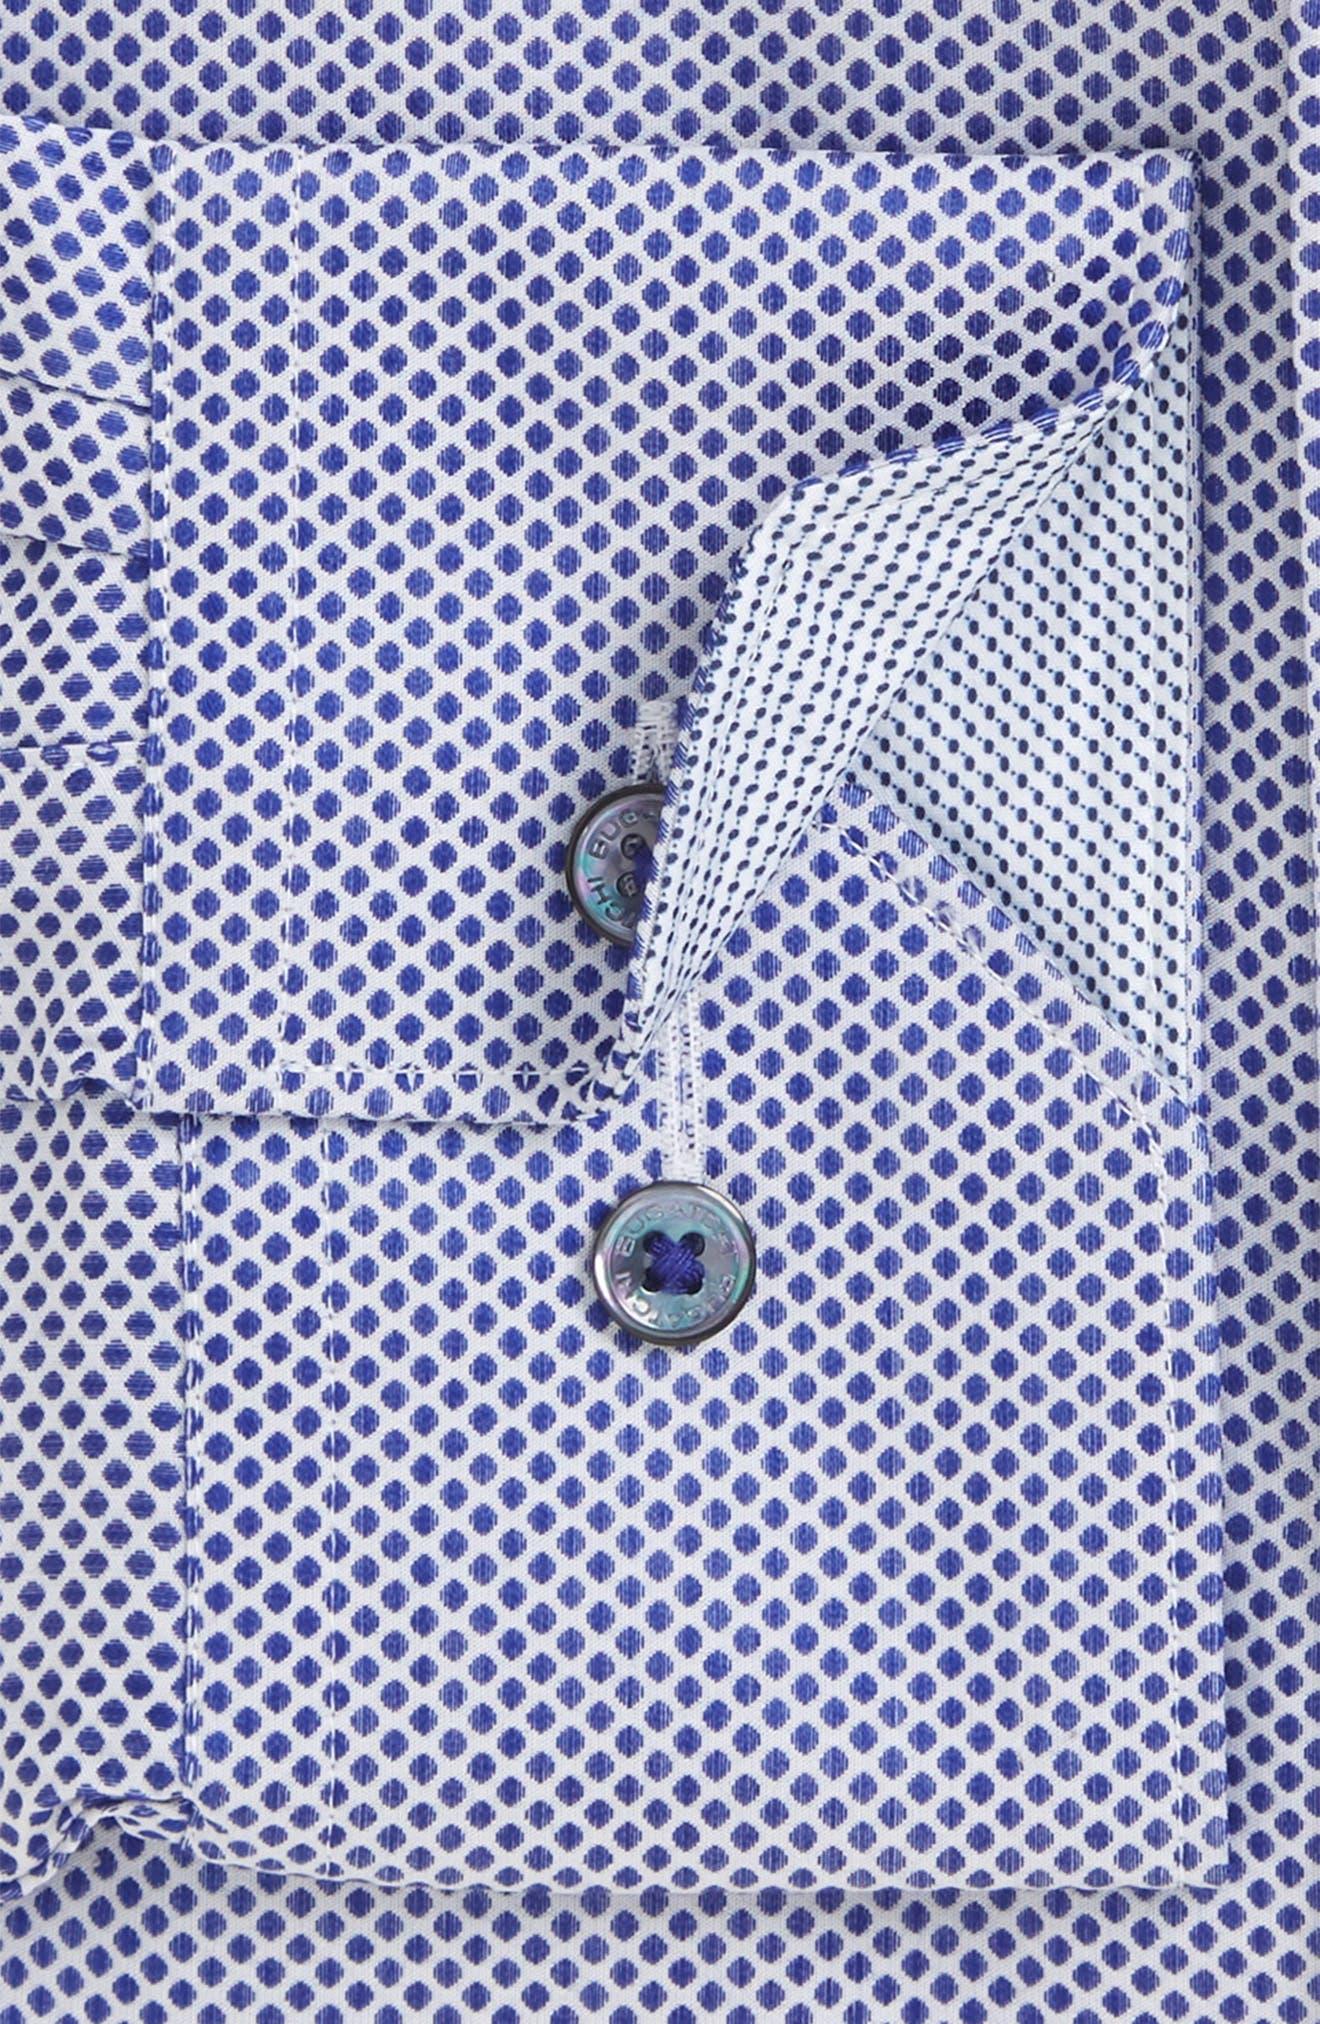 Trim Fit Dot Dress Shirt,                         Main,                         color, 411